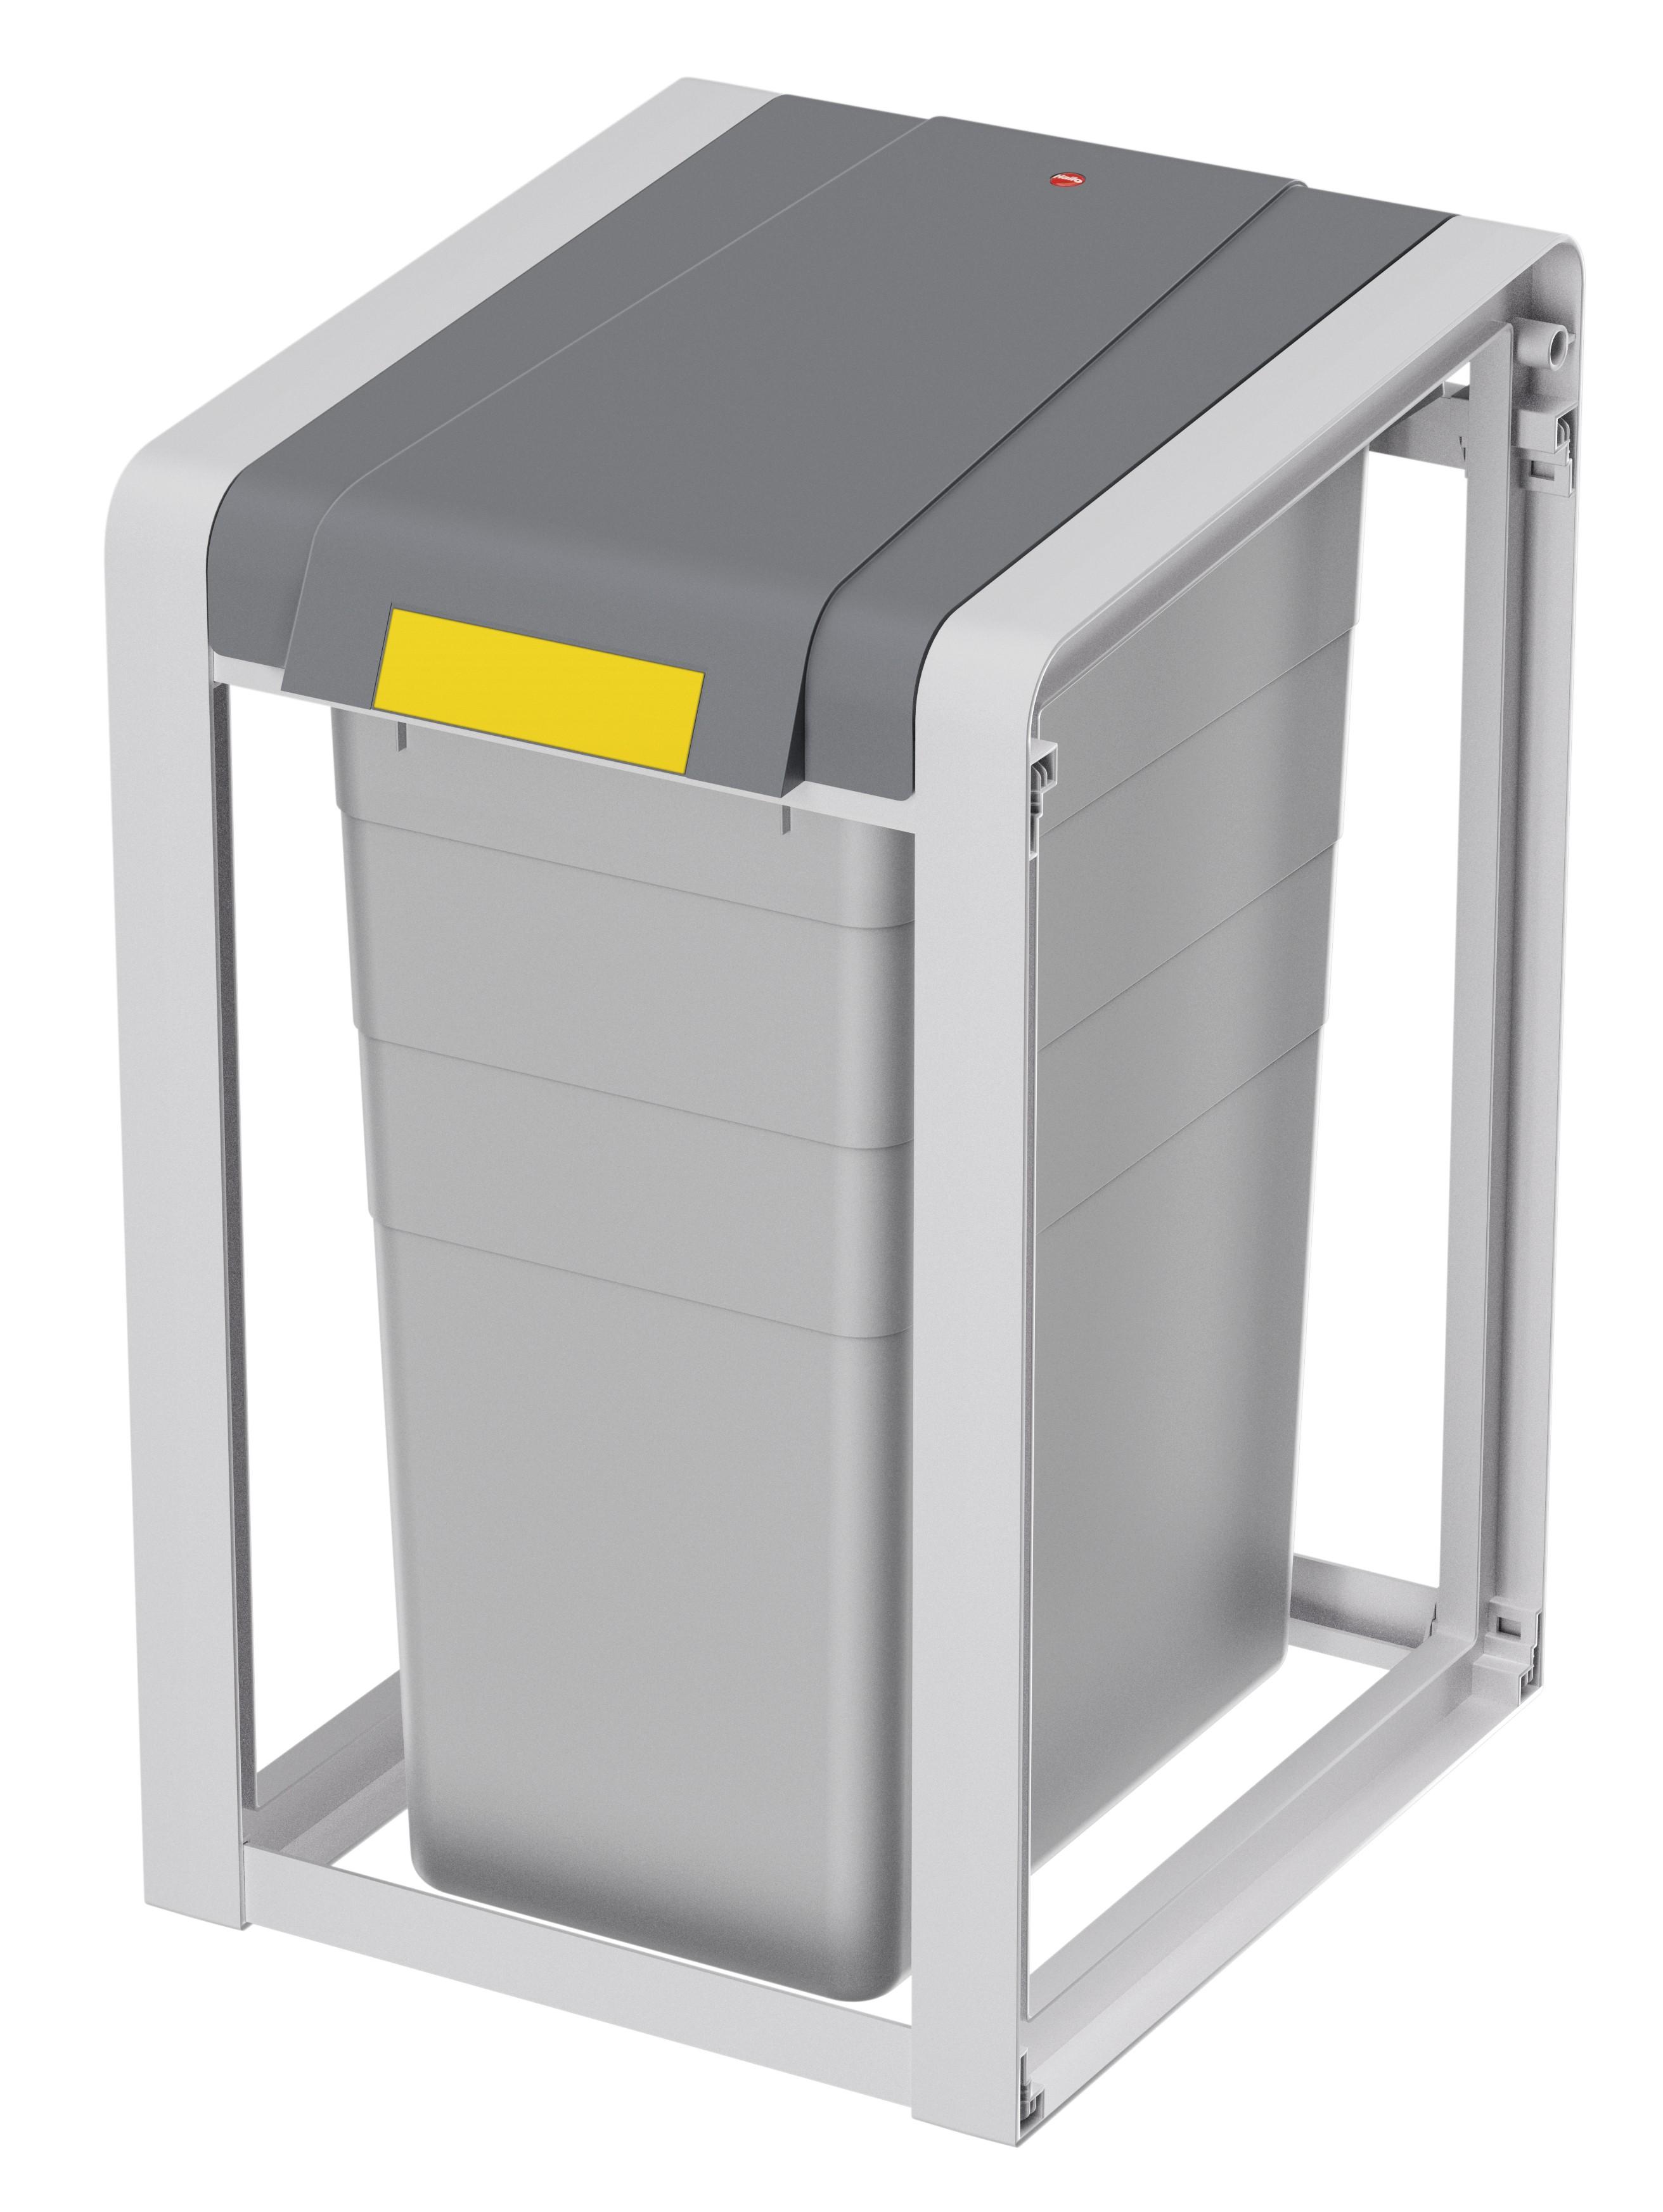 Hailo ProfiLine Öko XL, Basiseinheit, Mülltrenn-System, 38 Liter